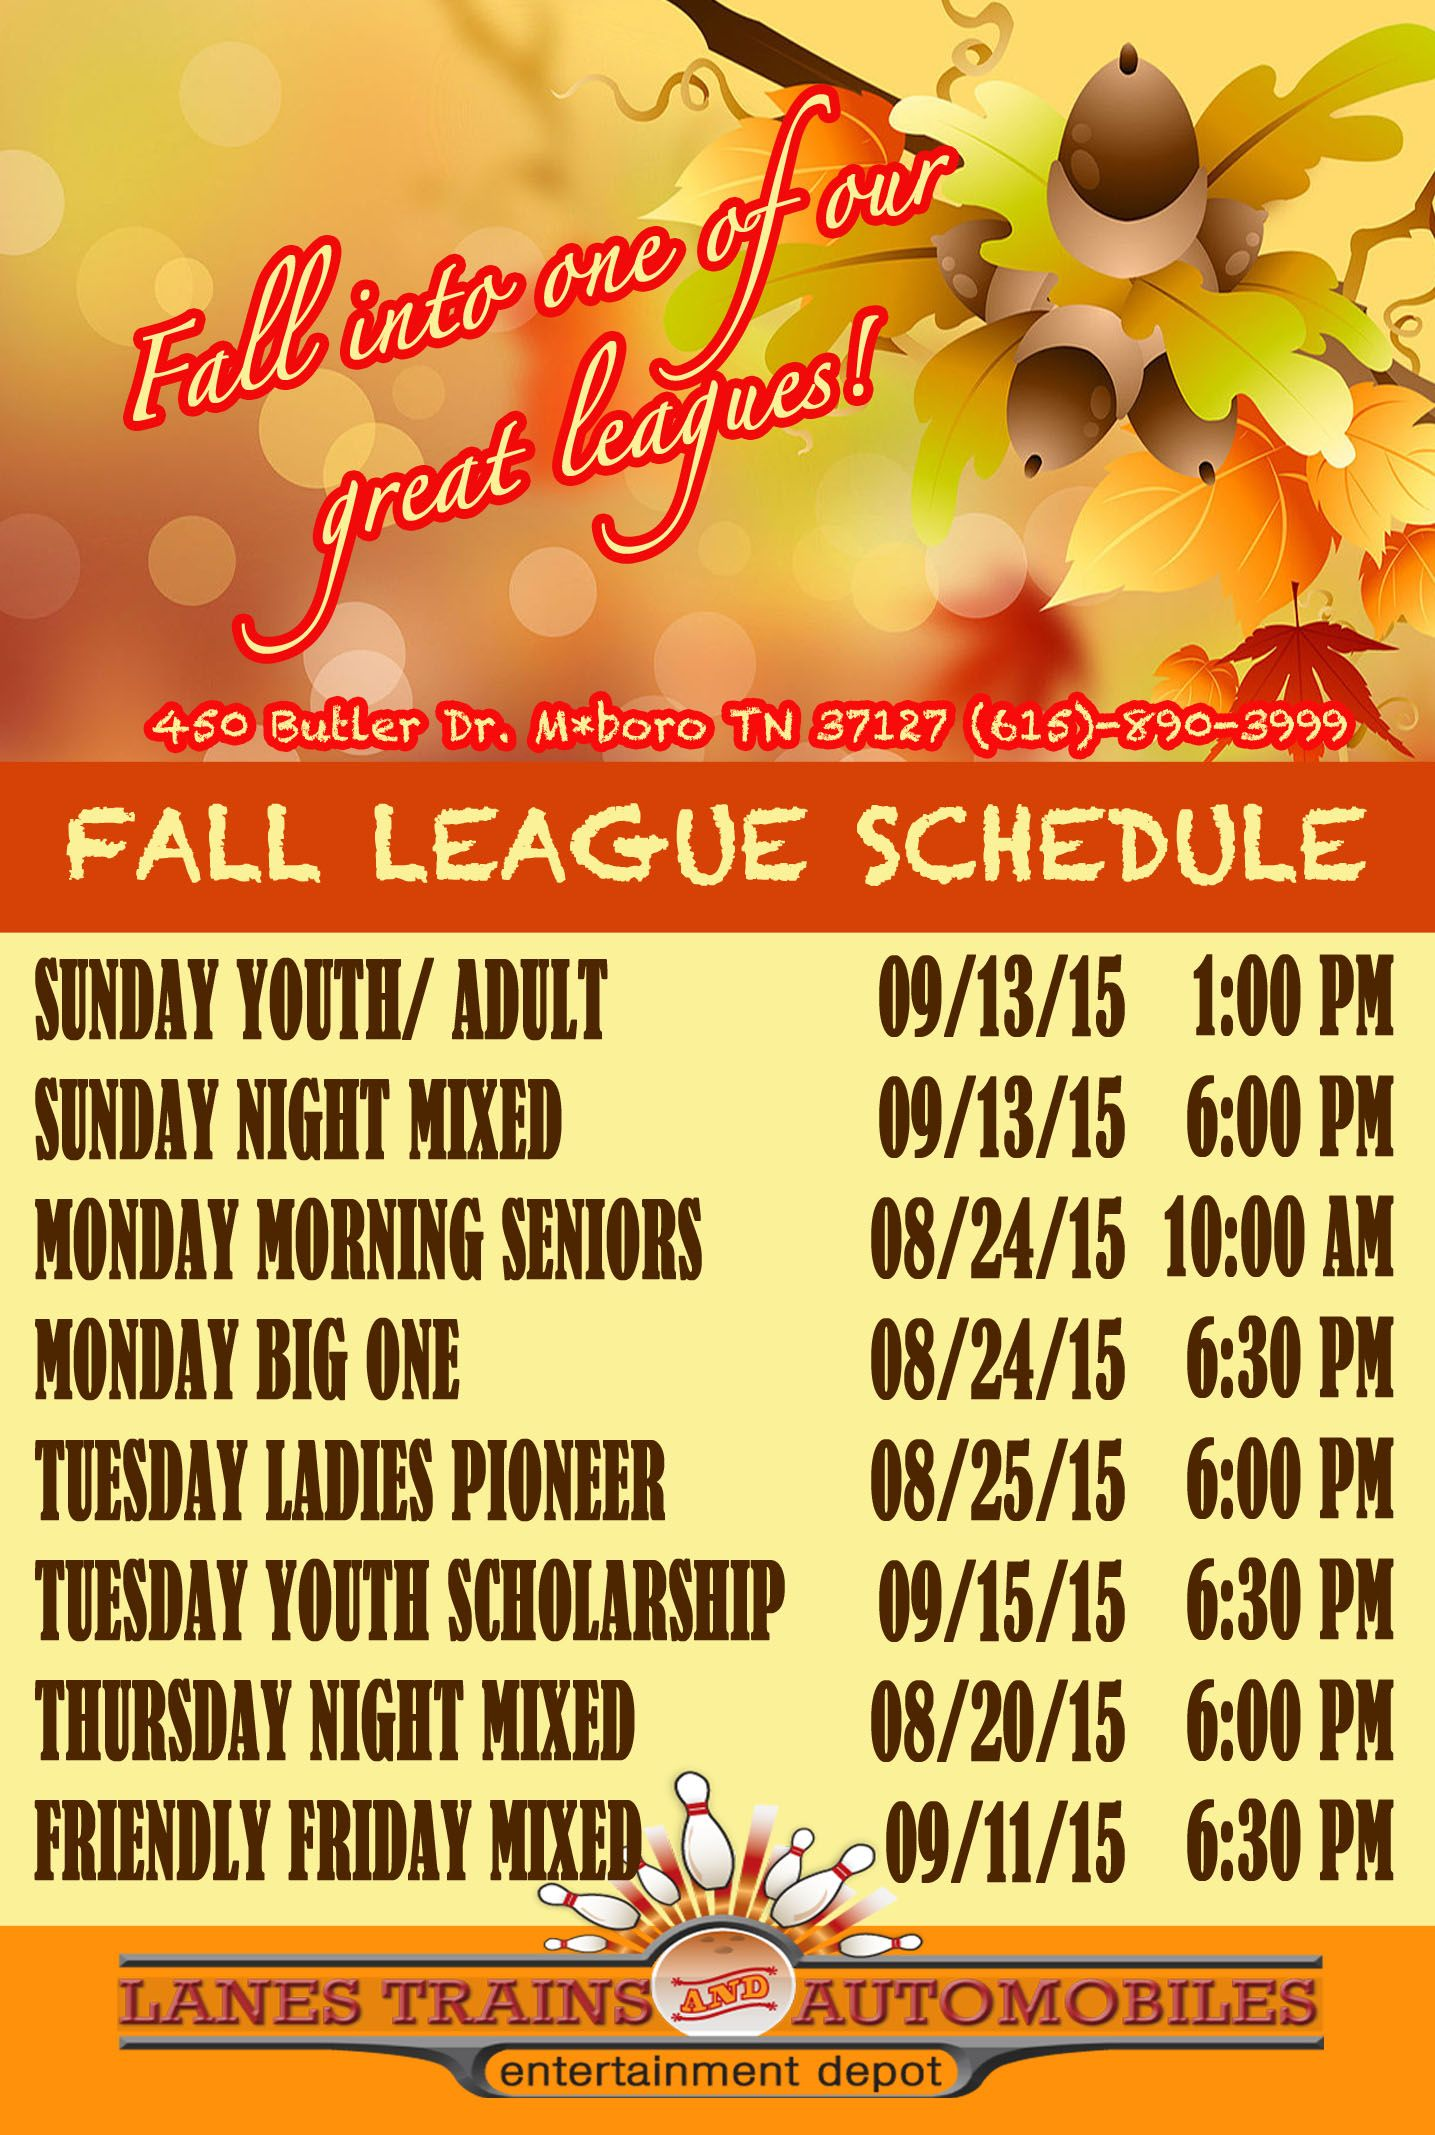 Bowling Leagues In Murfreesboro Tn Bowling League League Schedule League